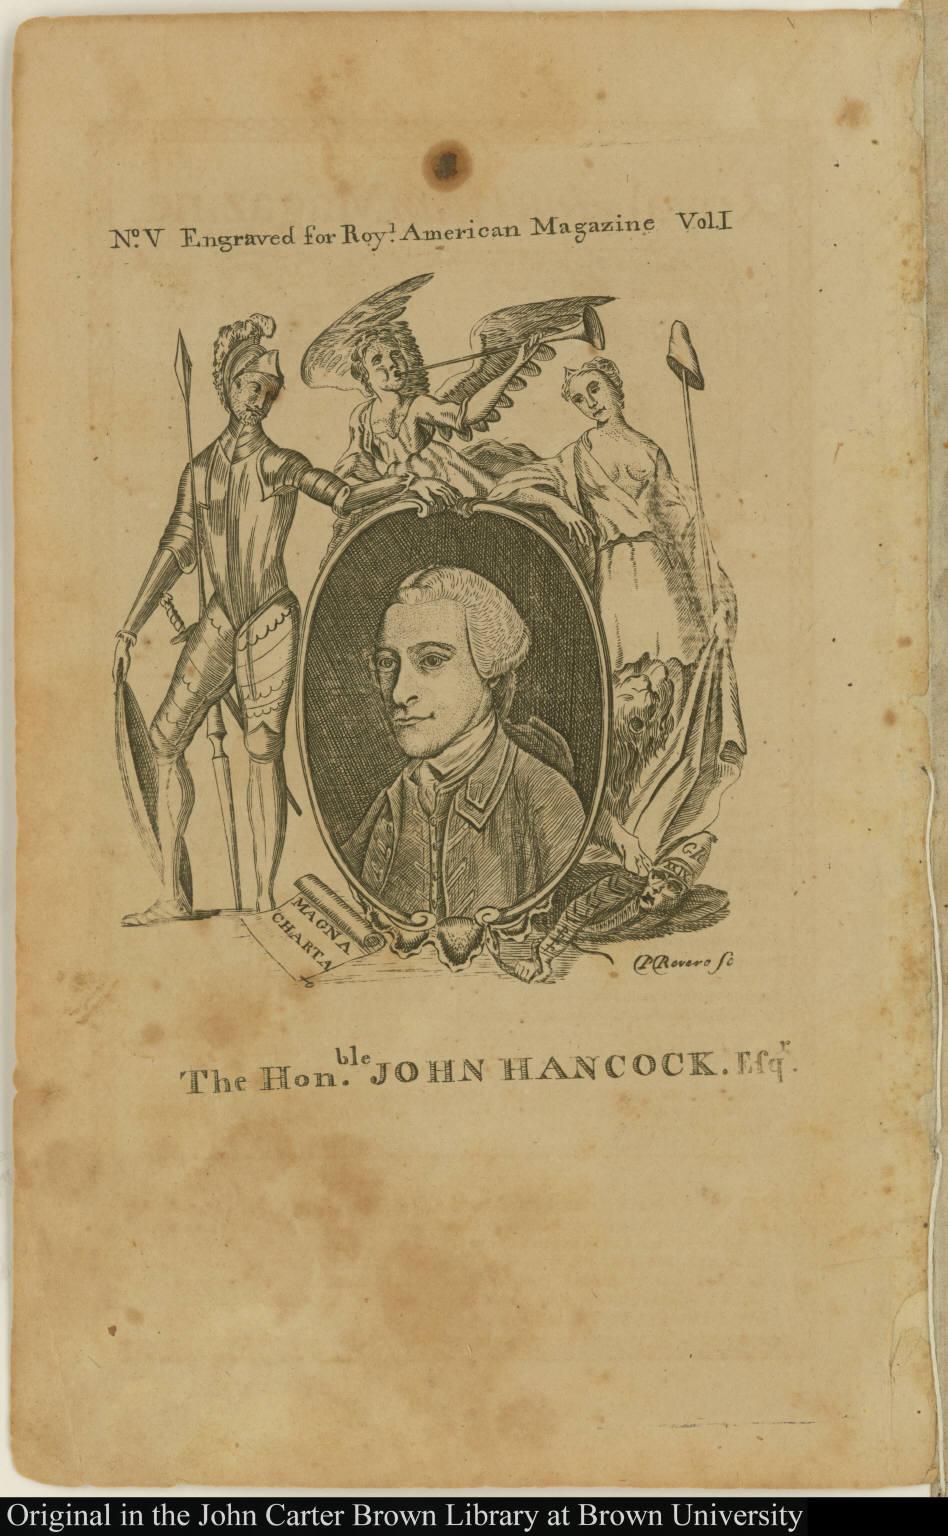 The Hon[ora]ble. John Hancock, Esqr.